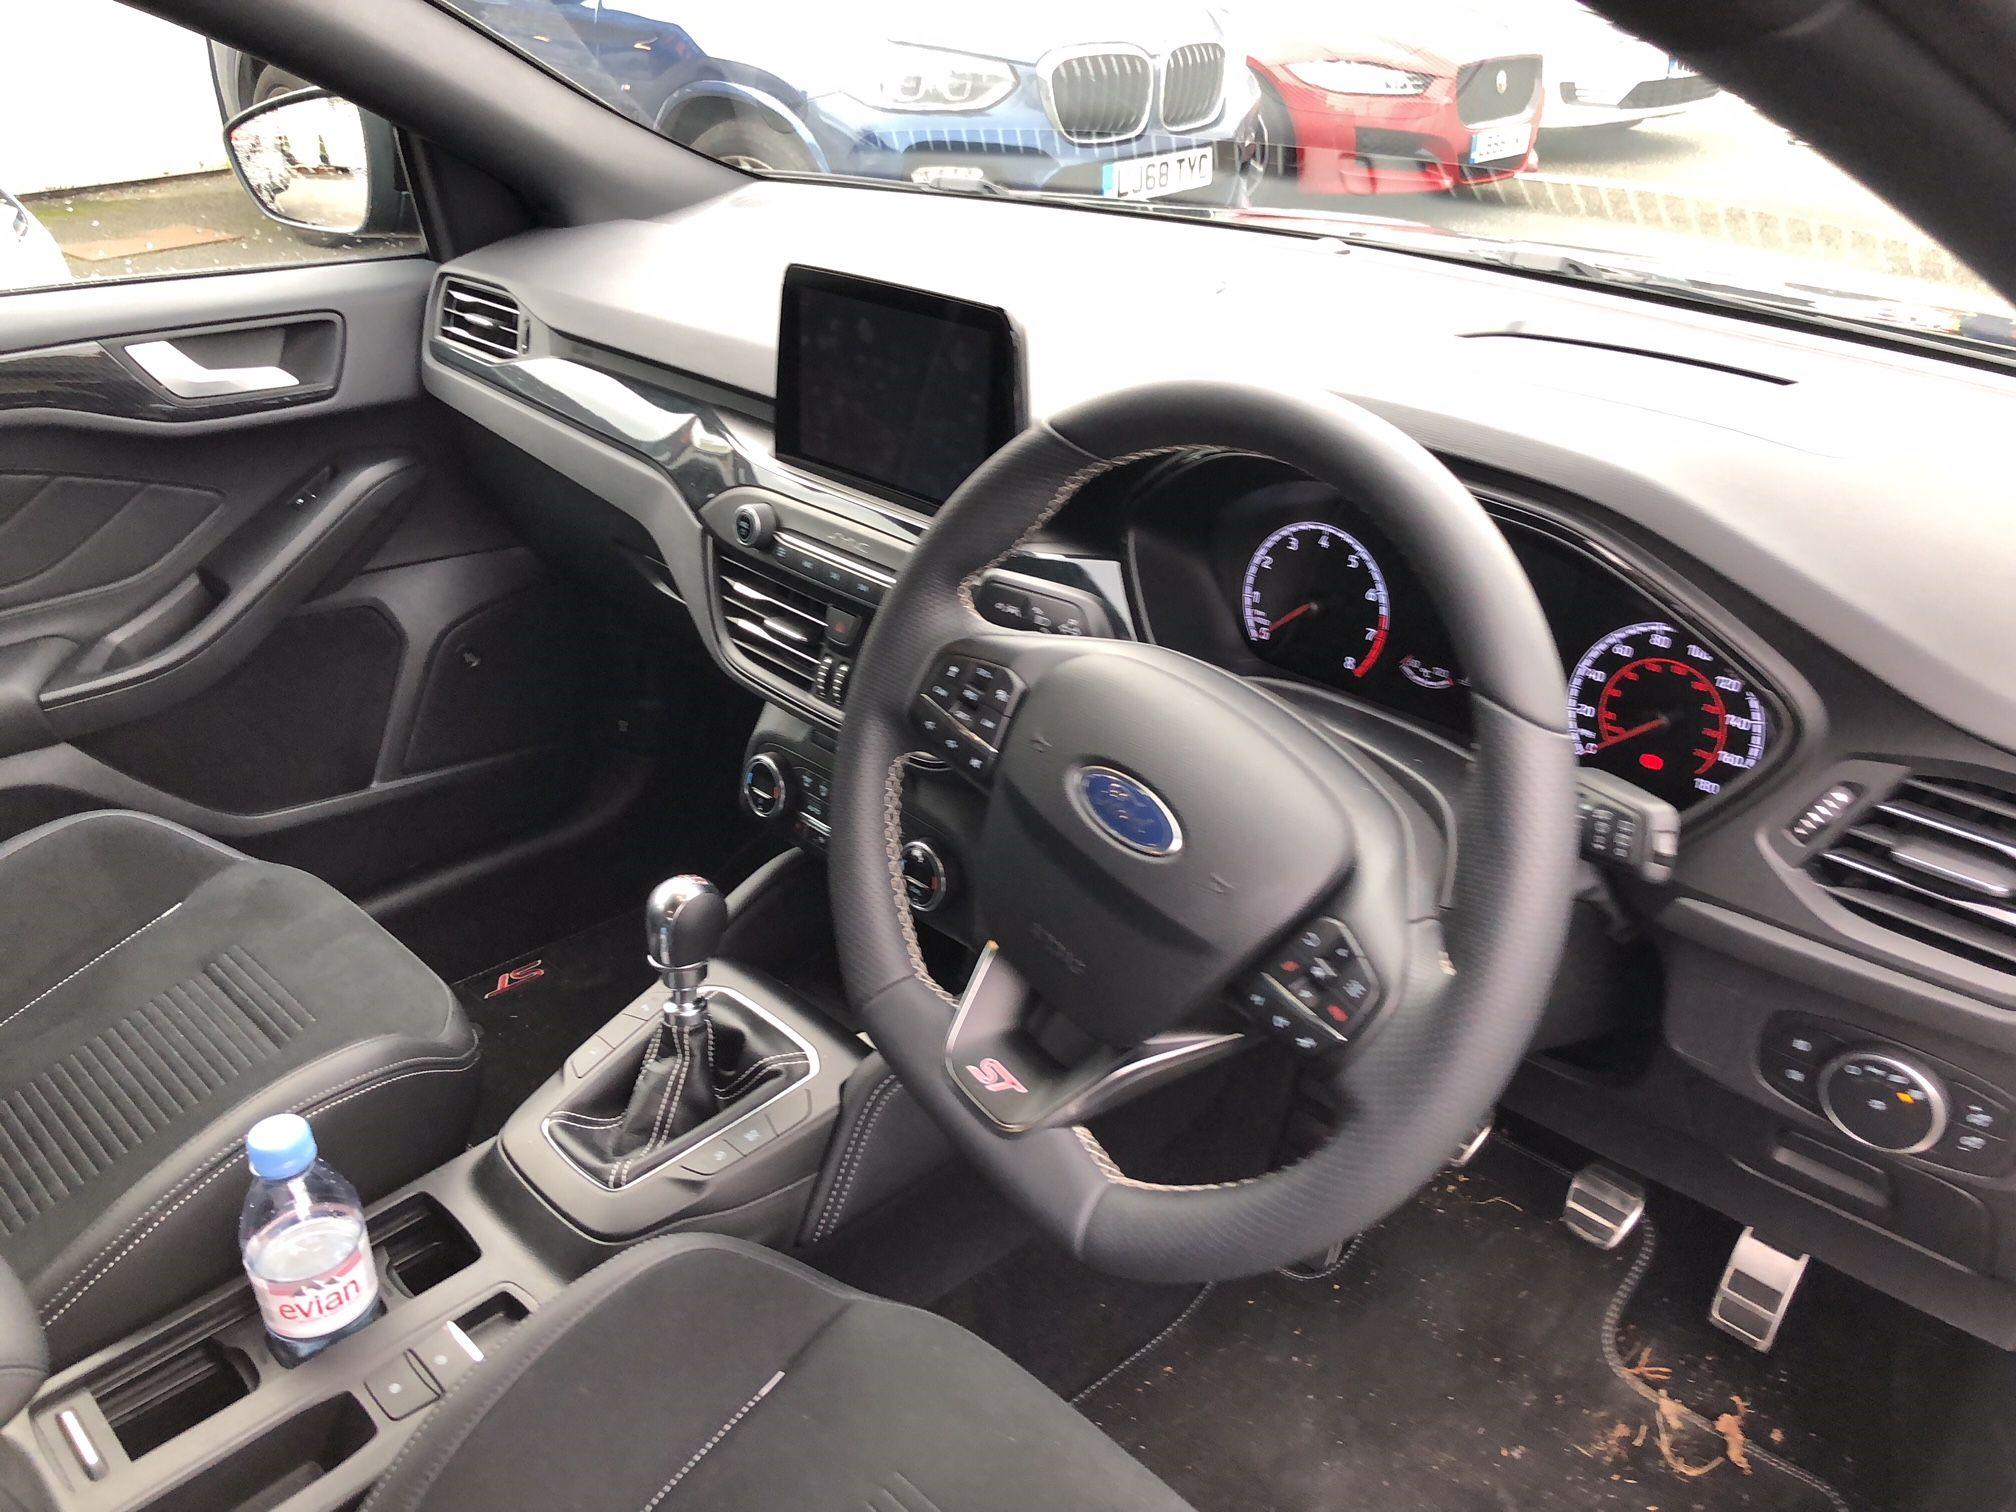 The Ford Focus Hatchback 2.3 Ecoboost ST 5dr Car Leasing